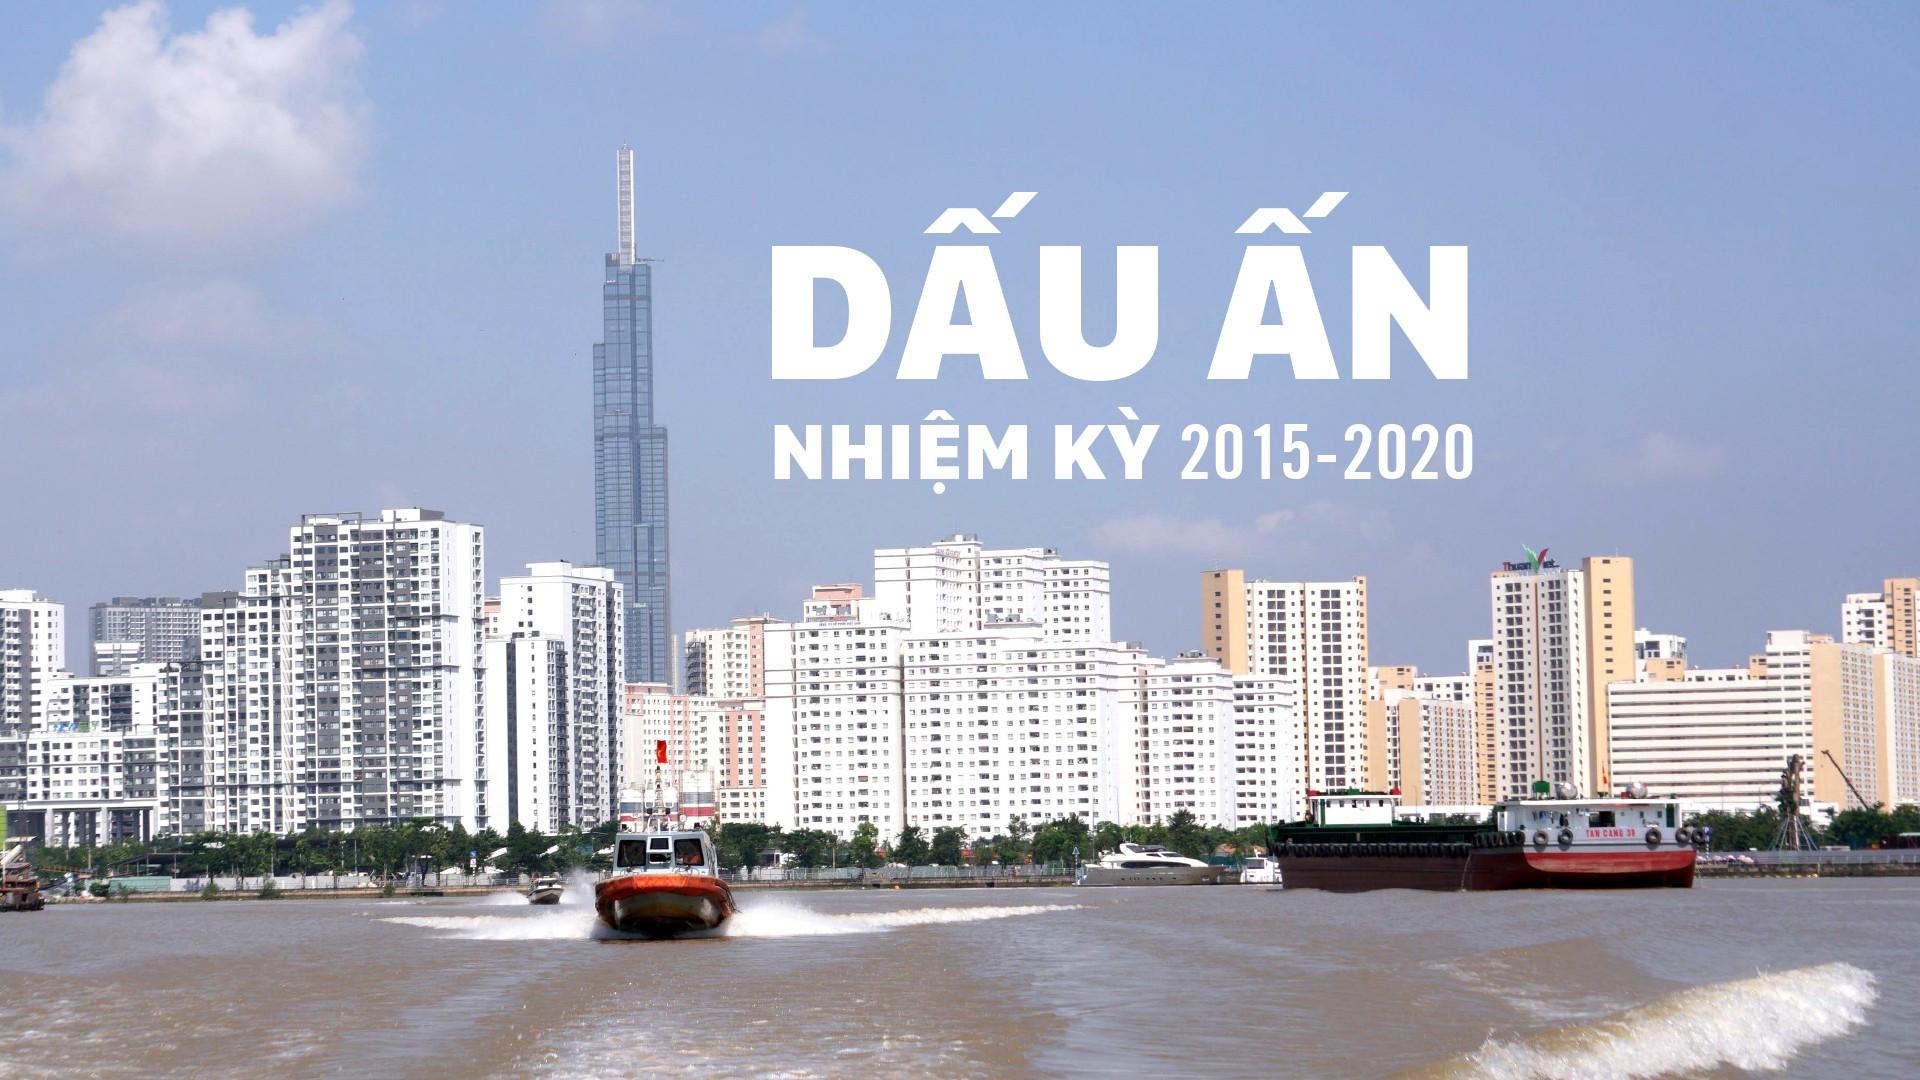 Dấu ấn nhiệm kỳ 2015-2020